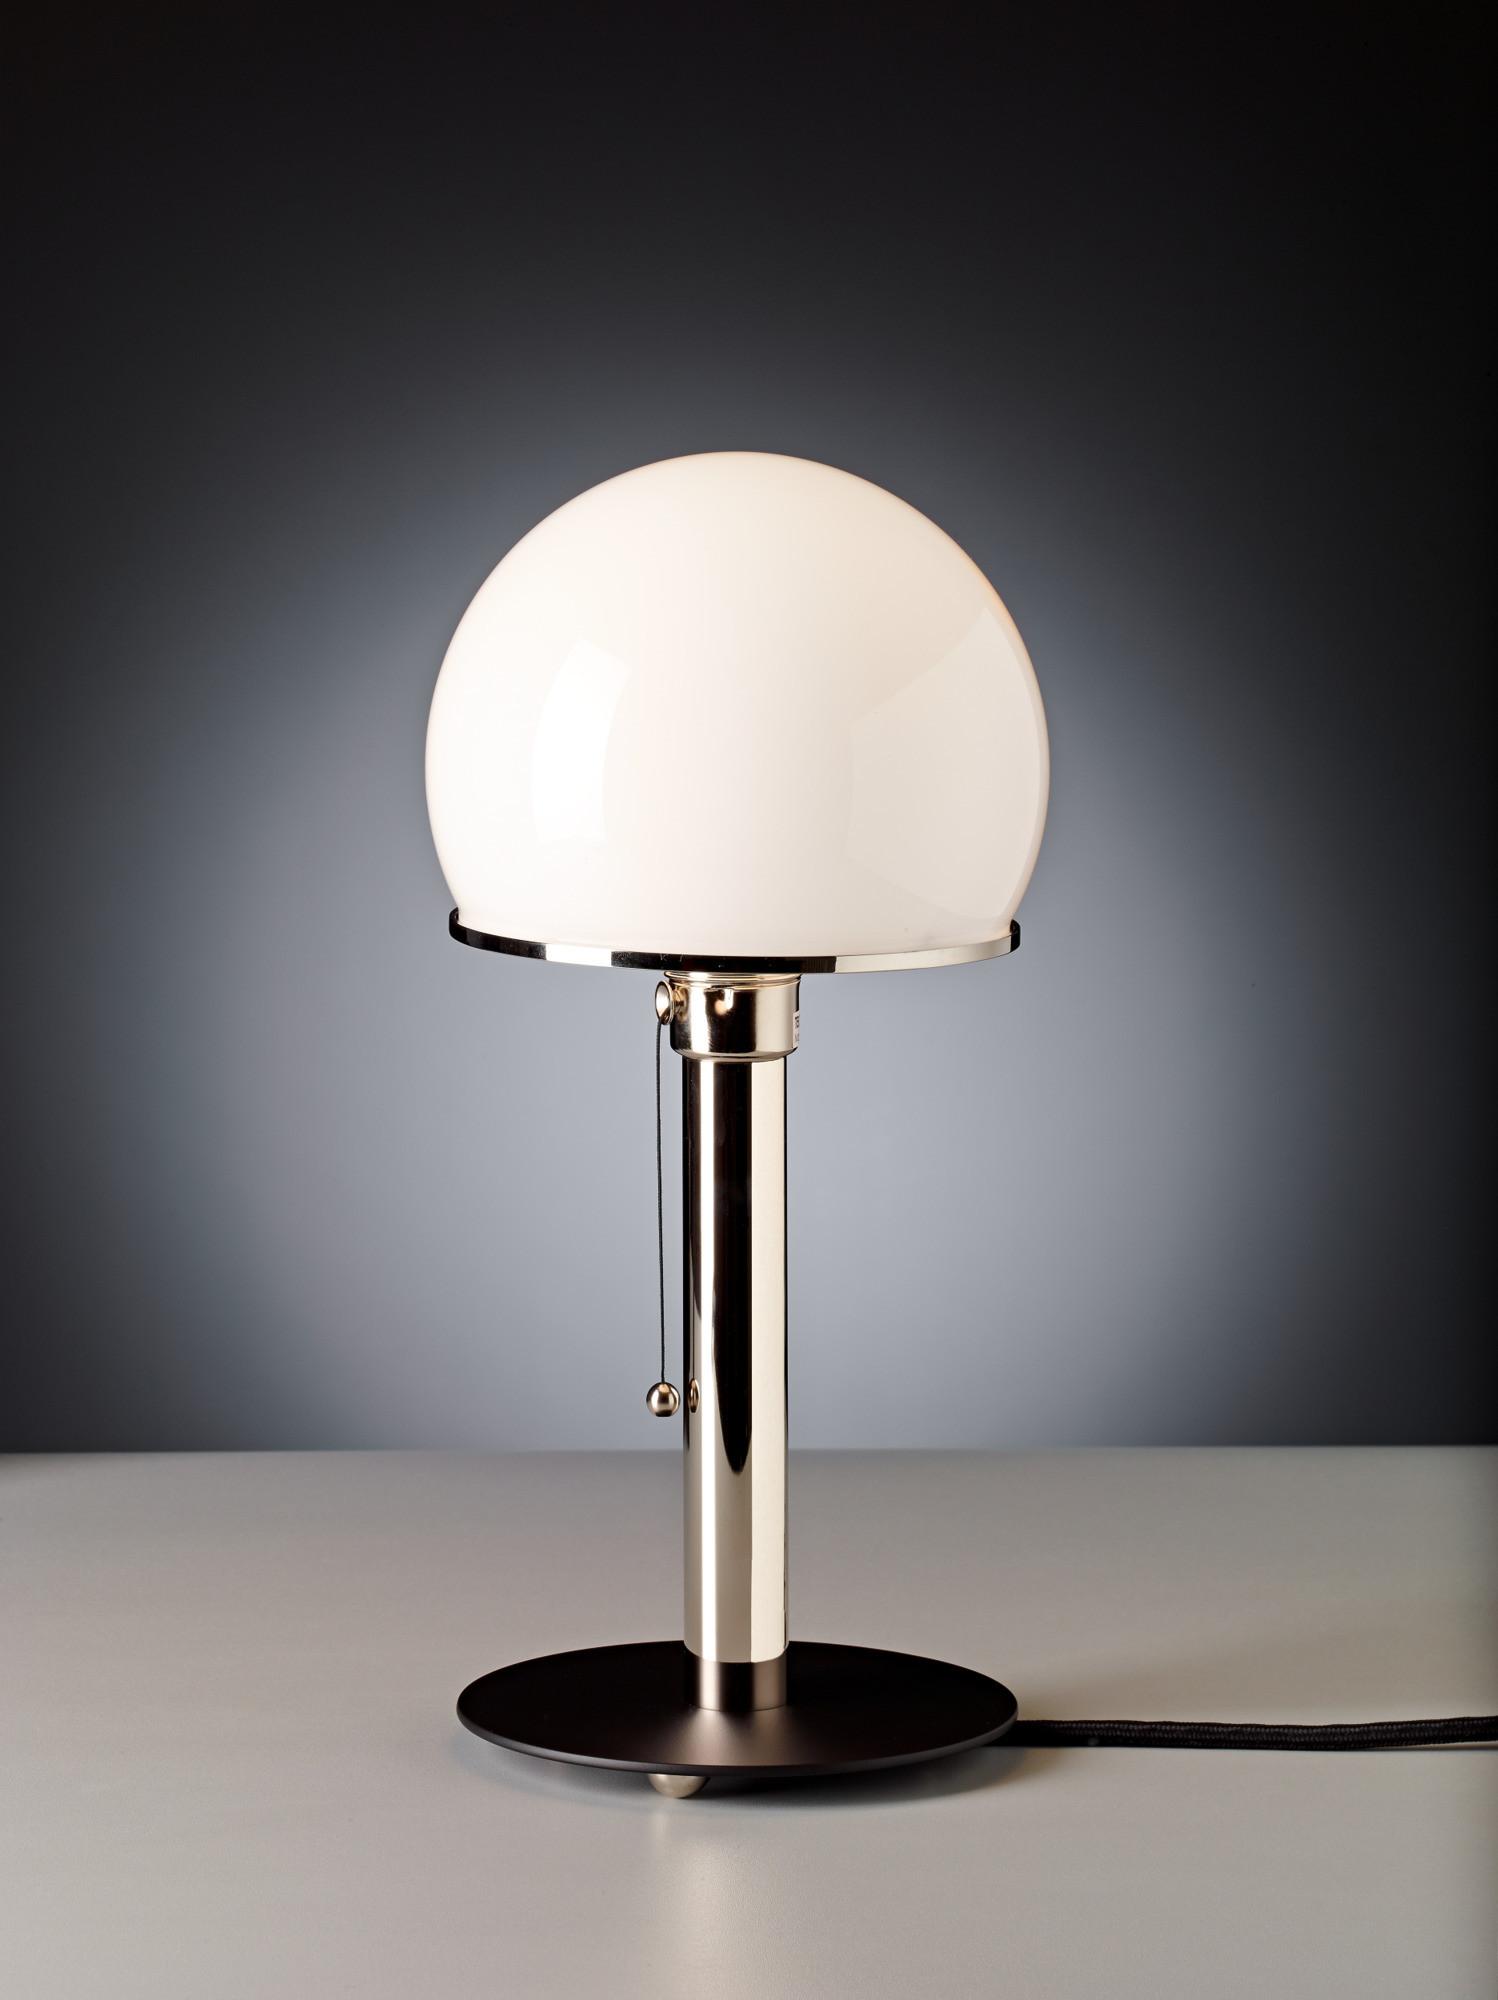 Tischleuchte WAGENFELD  CHF 525.00 Höhe 36 cm Auch erhältlich mit Alu- oder Glasfuss